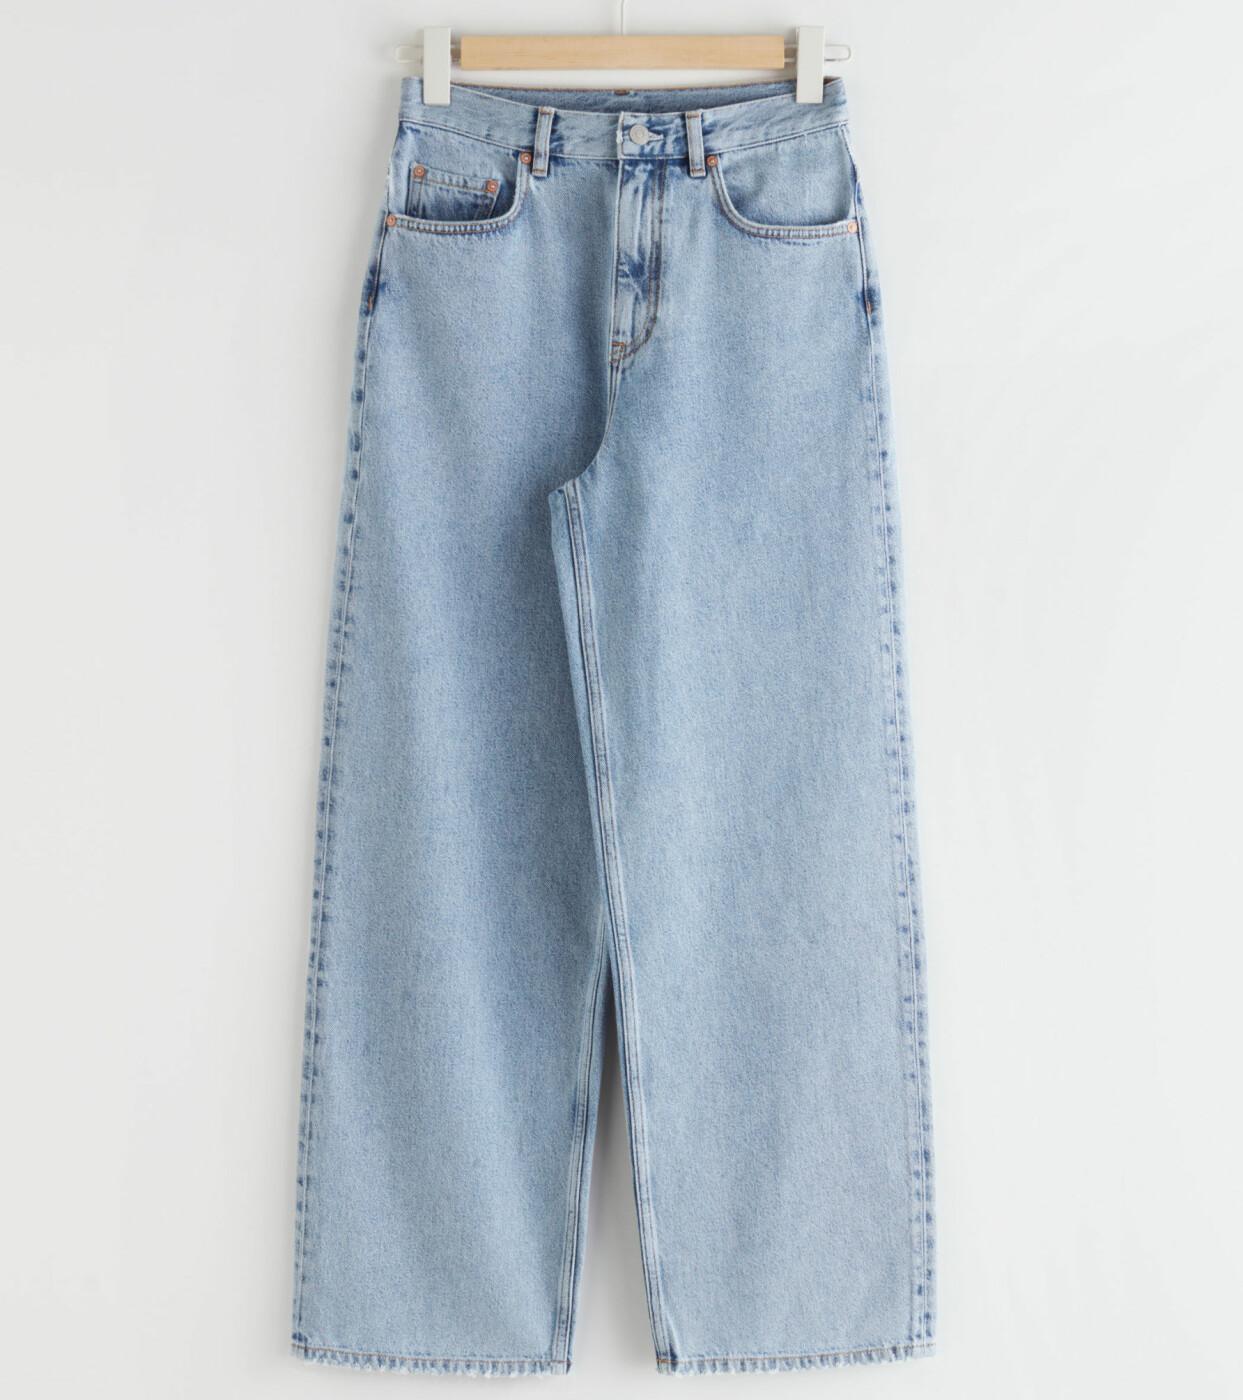 Vida jeans i ljus tvätt, från & Other Stories